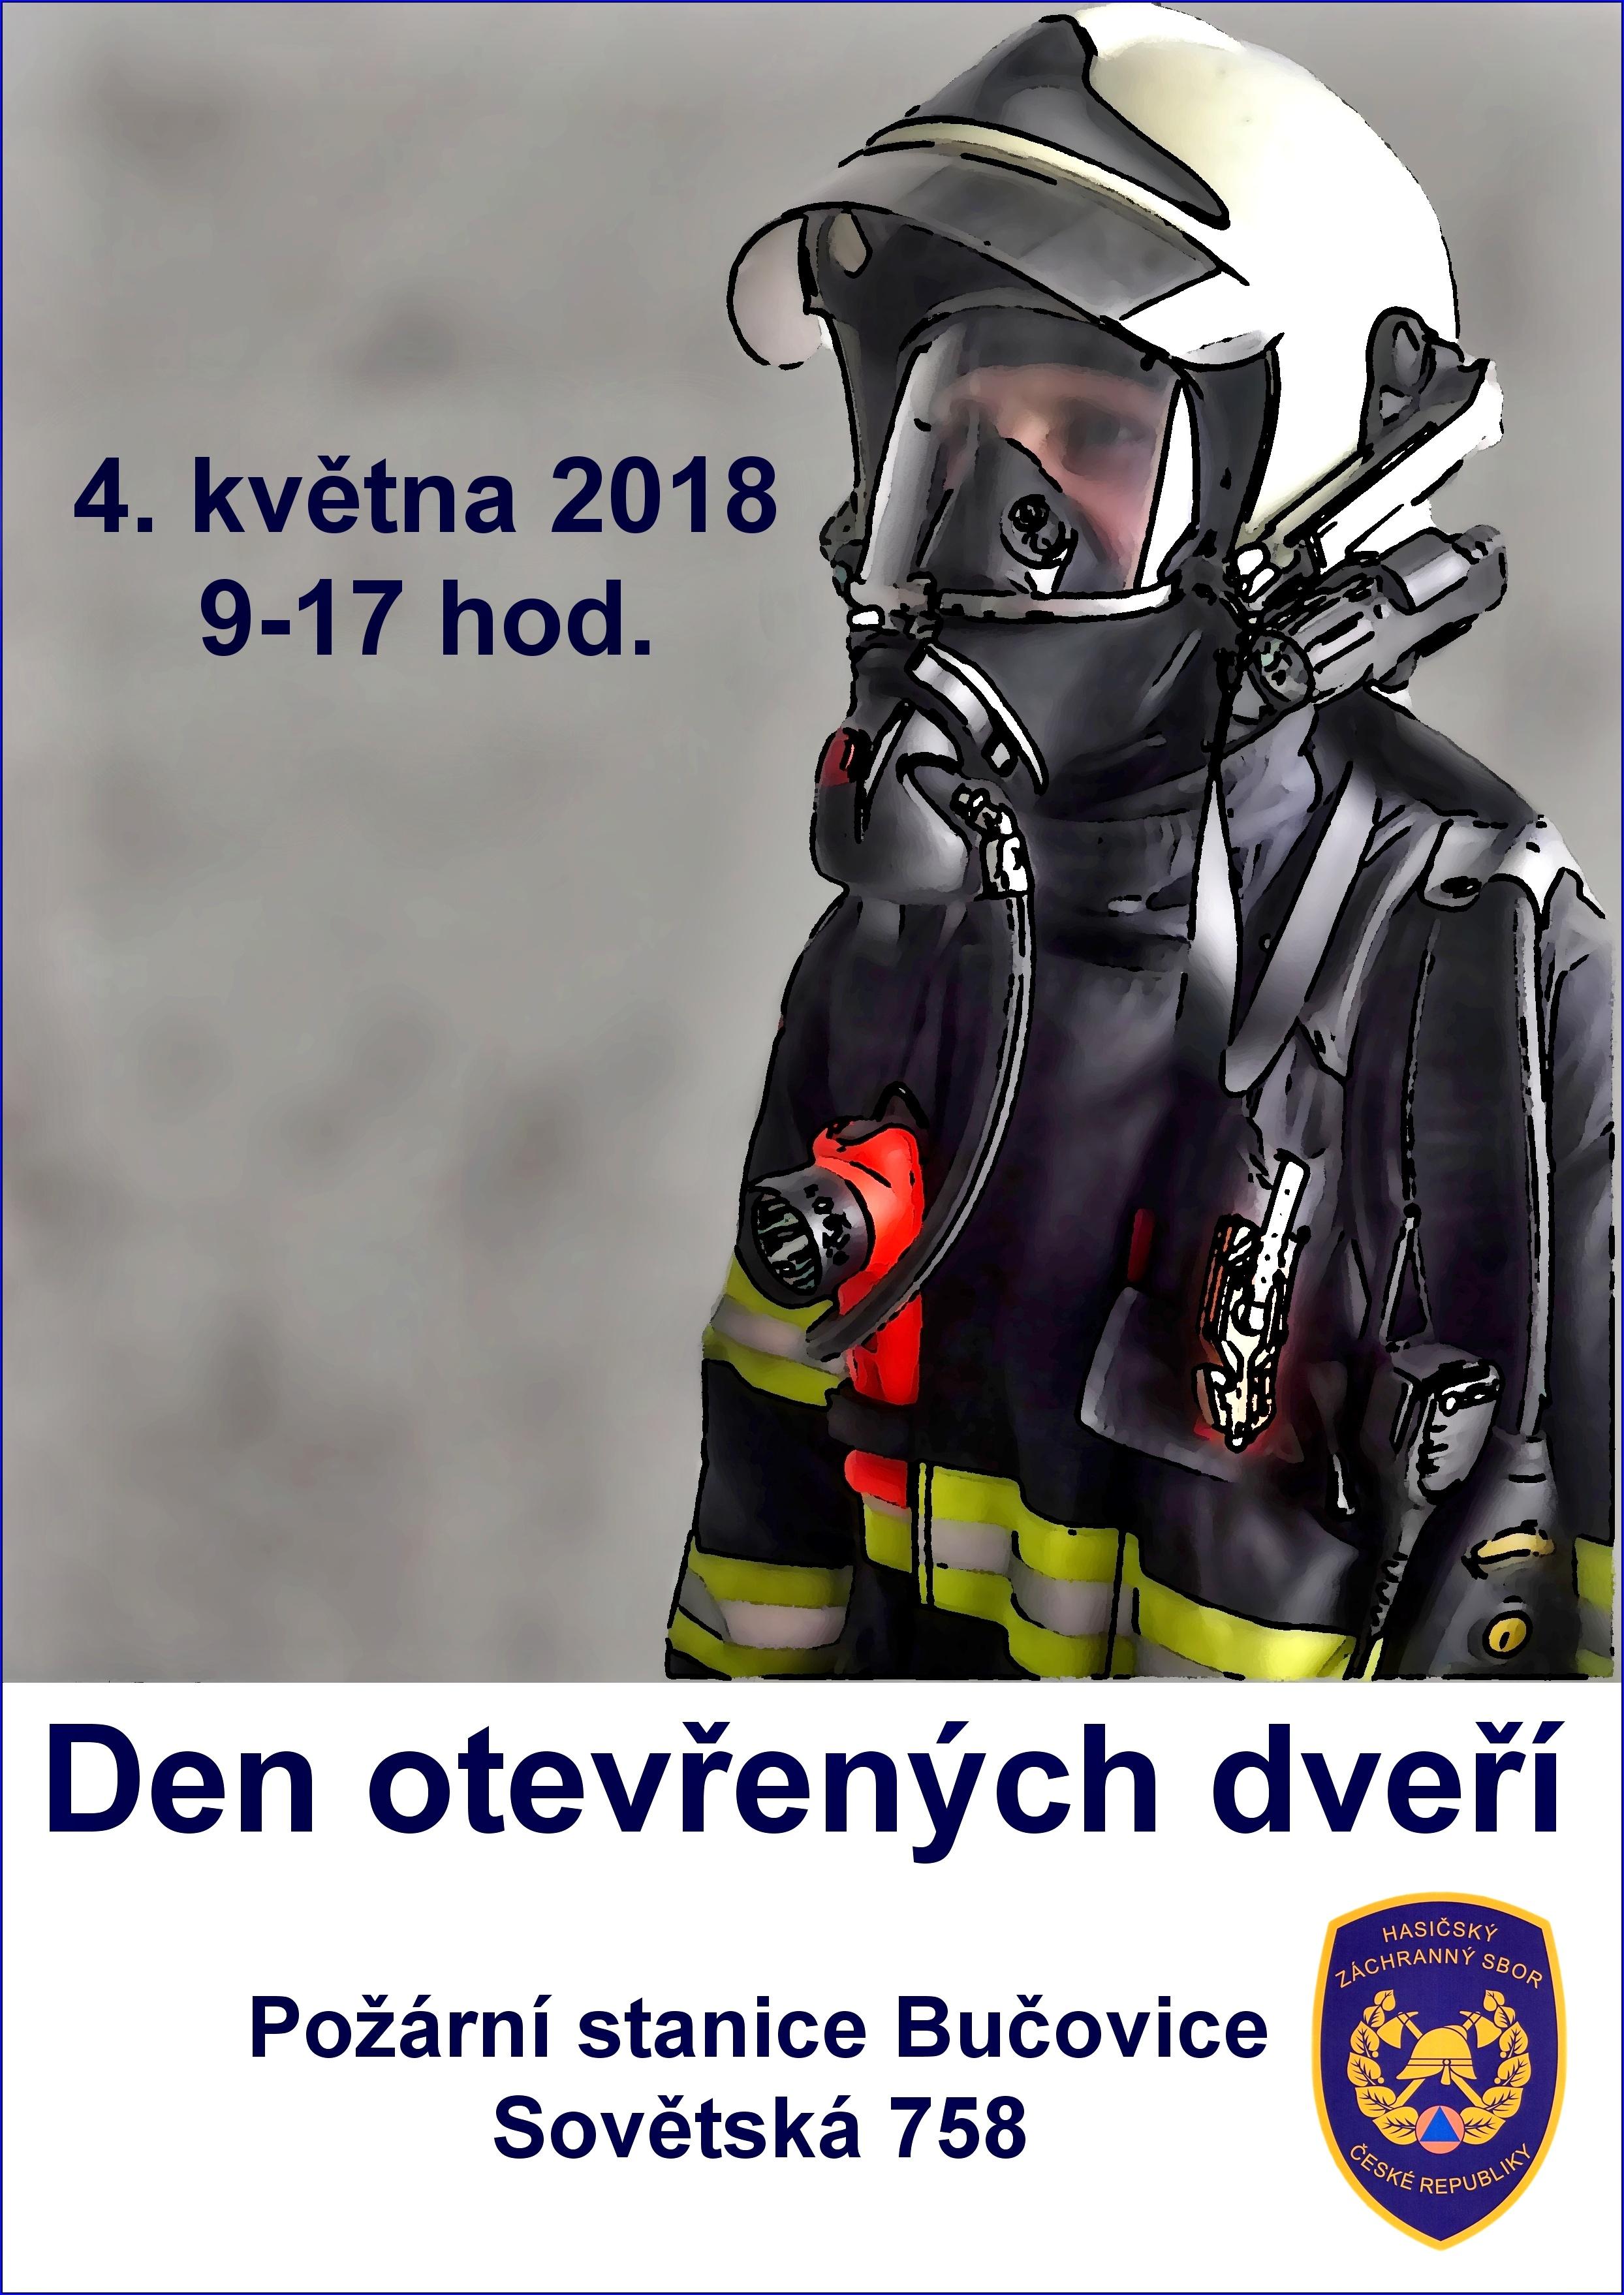 http://www.bucovice.cz/assets/File.ashx?id_org=1516&id_dokumenty=29086